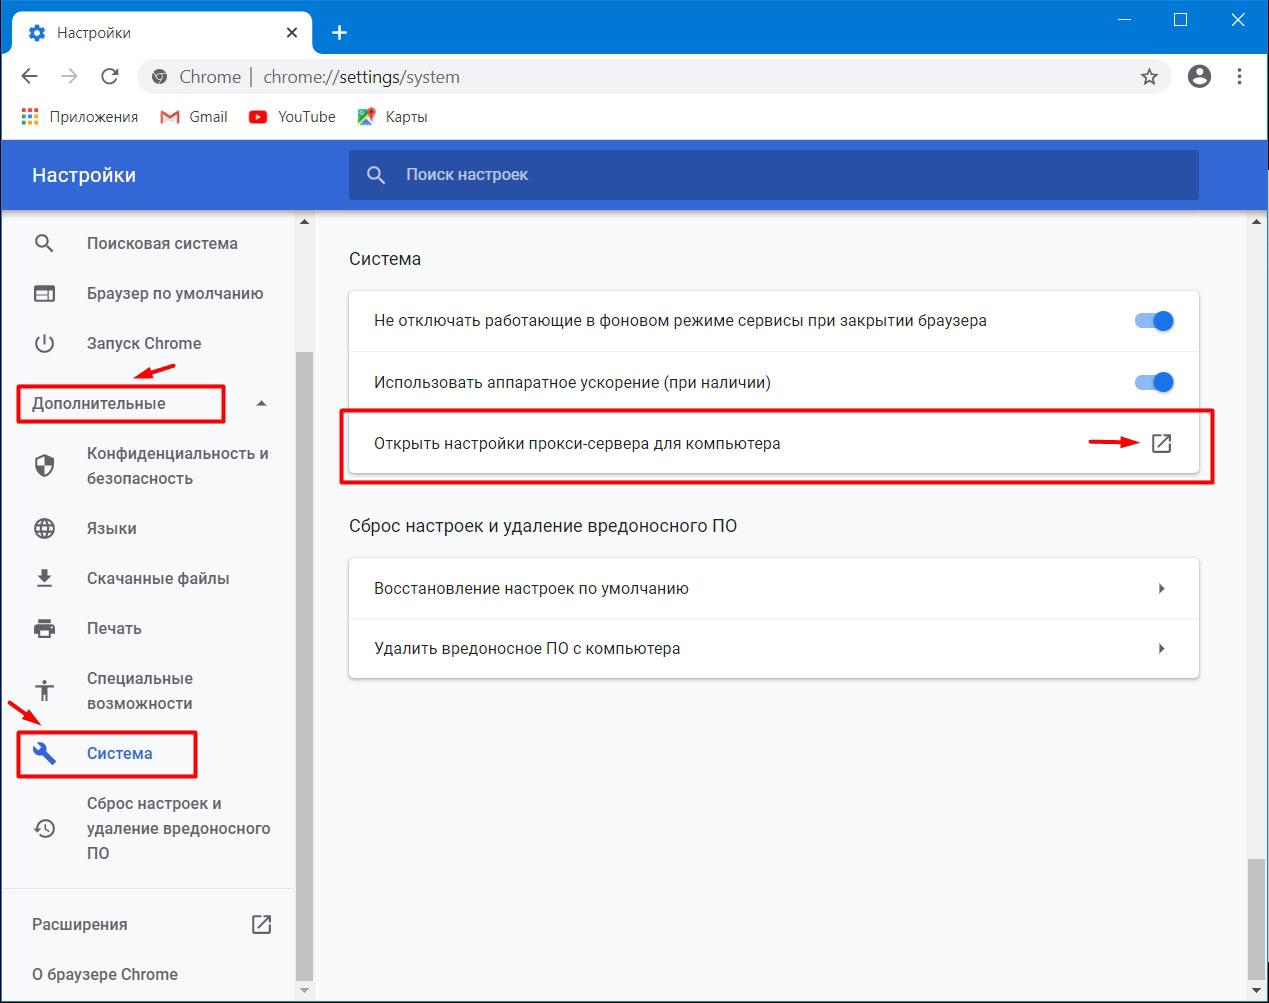 Изменение прокси в настройках браузера Google Chrome для обхода блокировки сайта рума Titan poker.